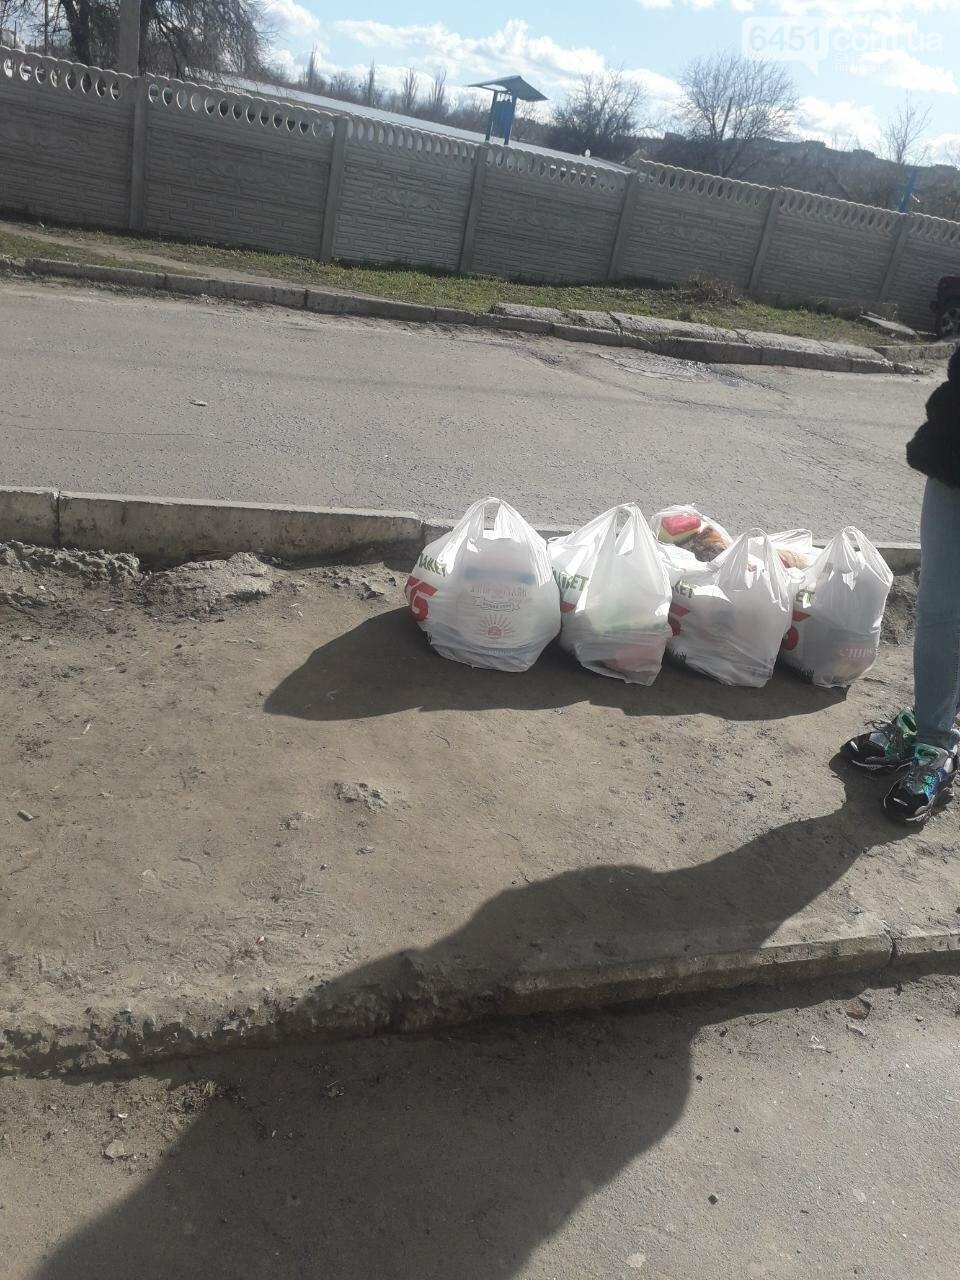 Ажиотажа нет, но продукты раскупают: что происходит в супермаркетах Лисичанска накануне карантина (фоторепортаж), фото-6